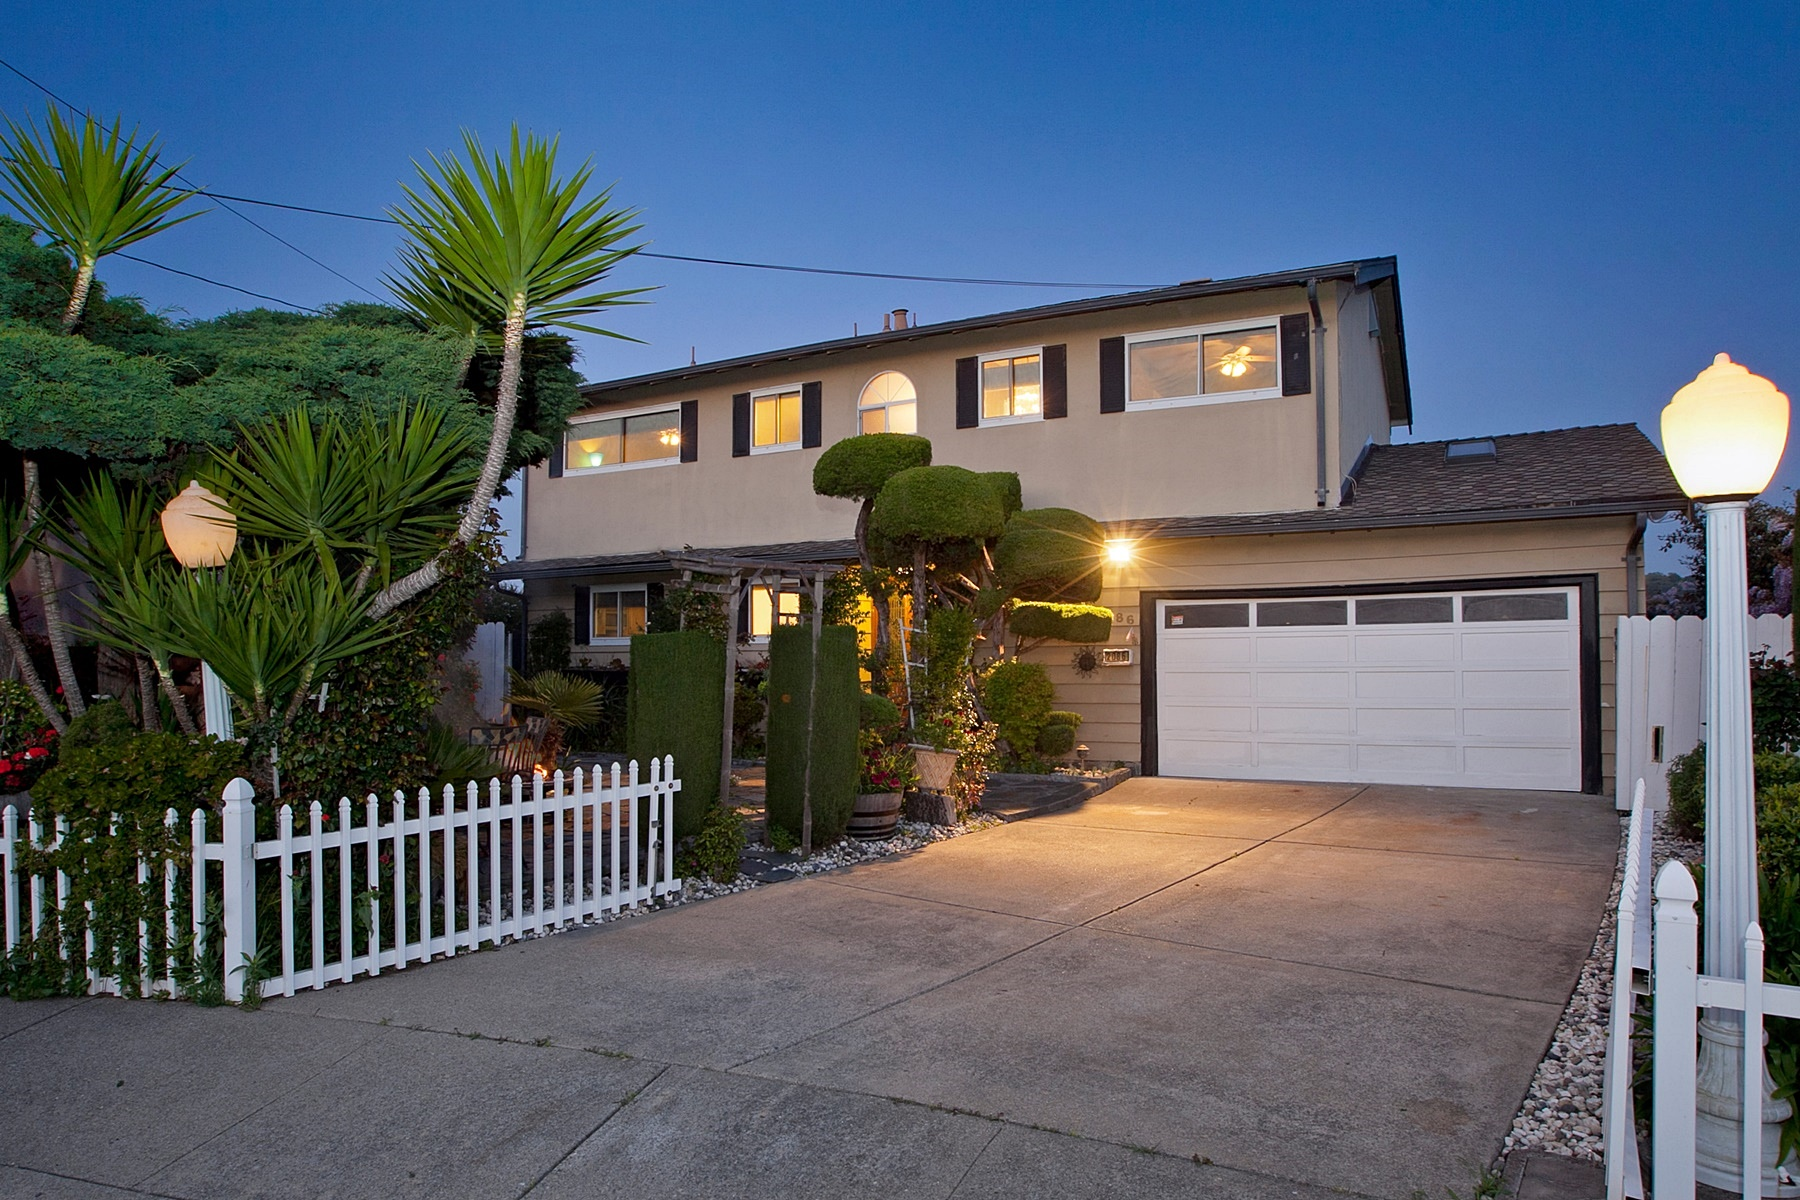 Casa Unifamiliar por un Venta en Spectacular Views Of The Bay 2086 Costa Court Pinole, California 94564 Estados Unidos